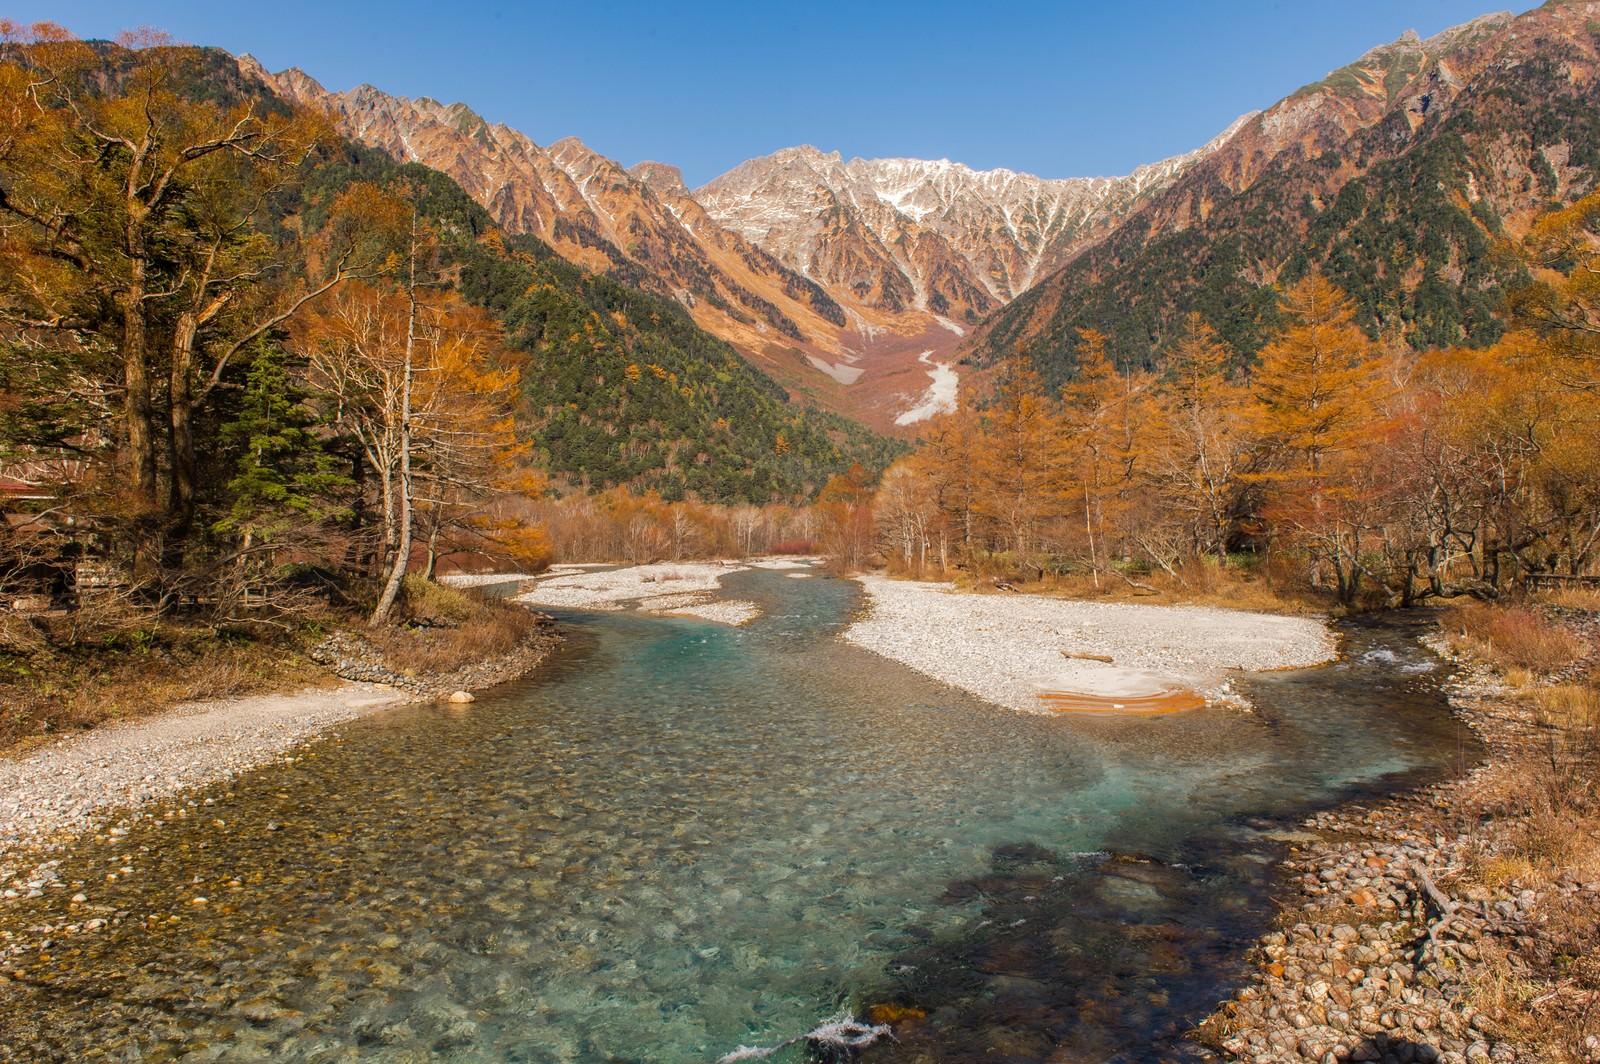 「秋の上高地・梓川と穂高連峰」の写真